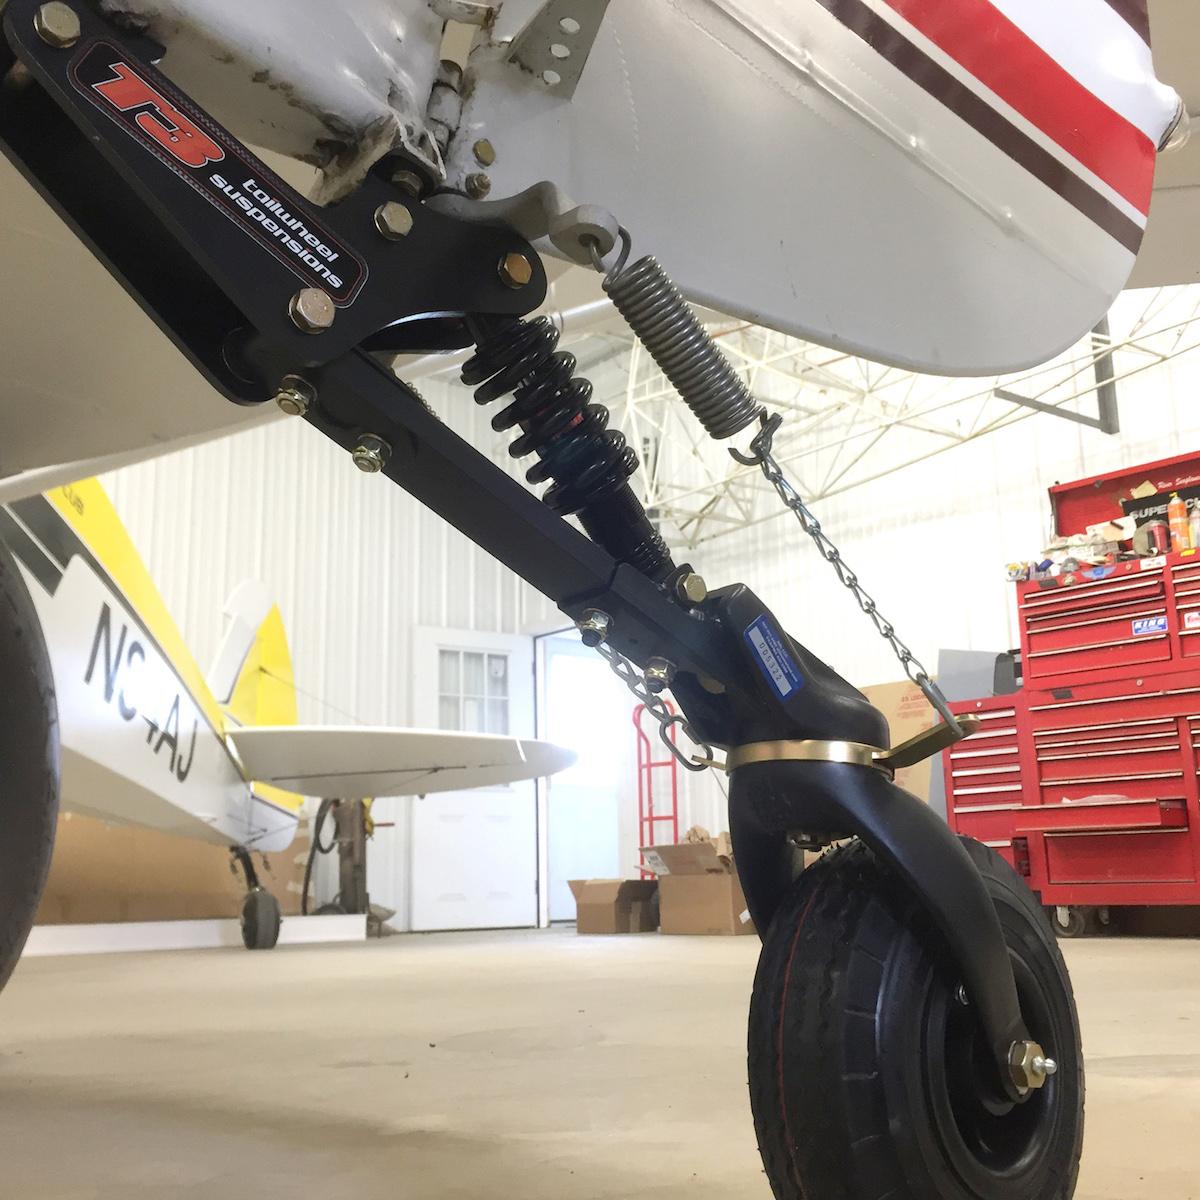 T3 Heavy Duty Tailwheel Suspension